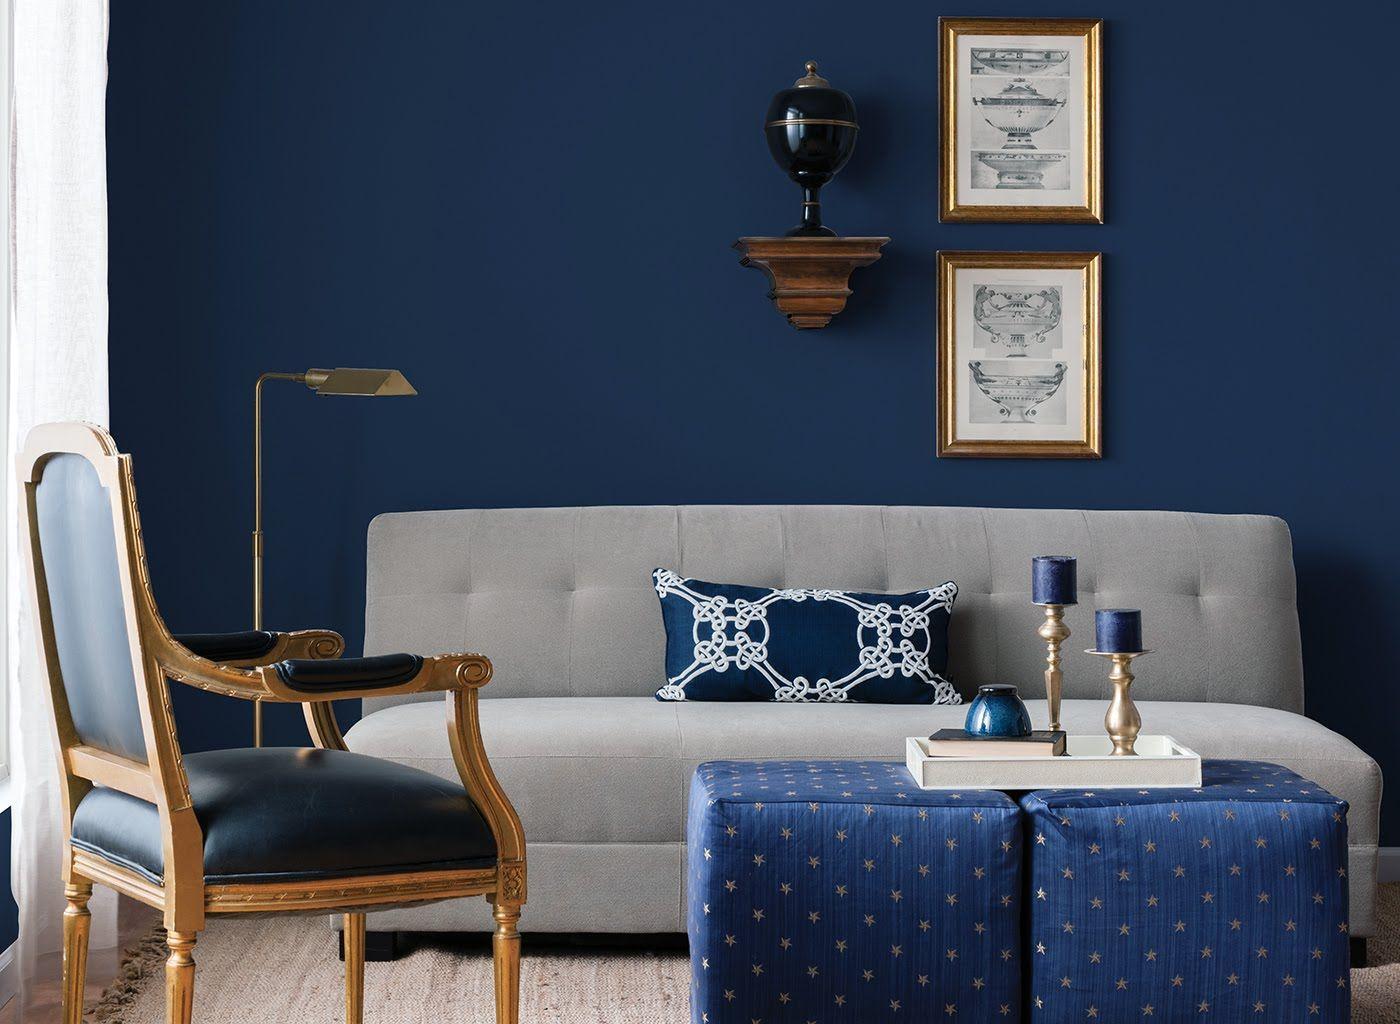 Deckengestaltung für die wohnhalle navy blue living room ideas  navy in   pinterest  living room